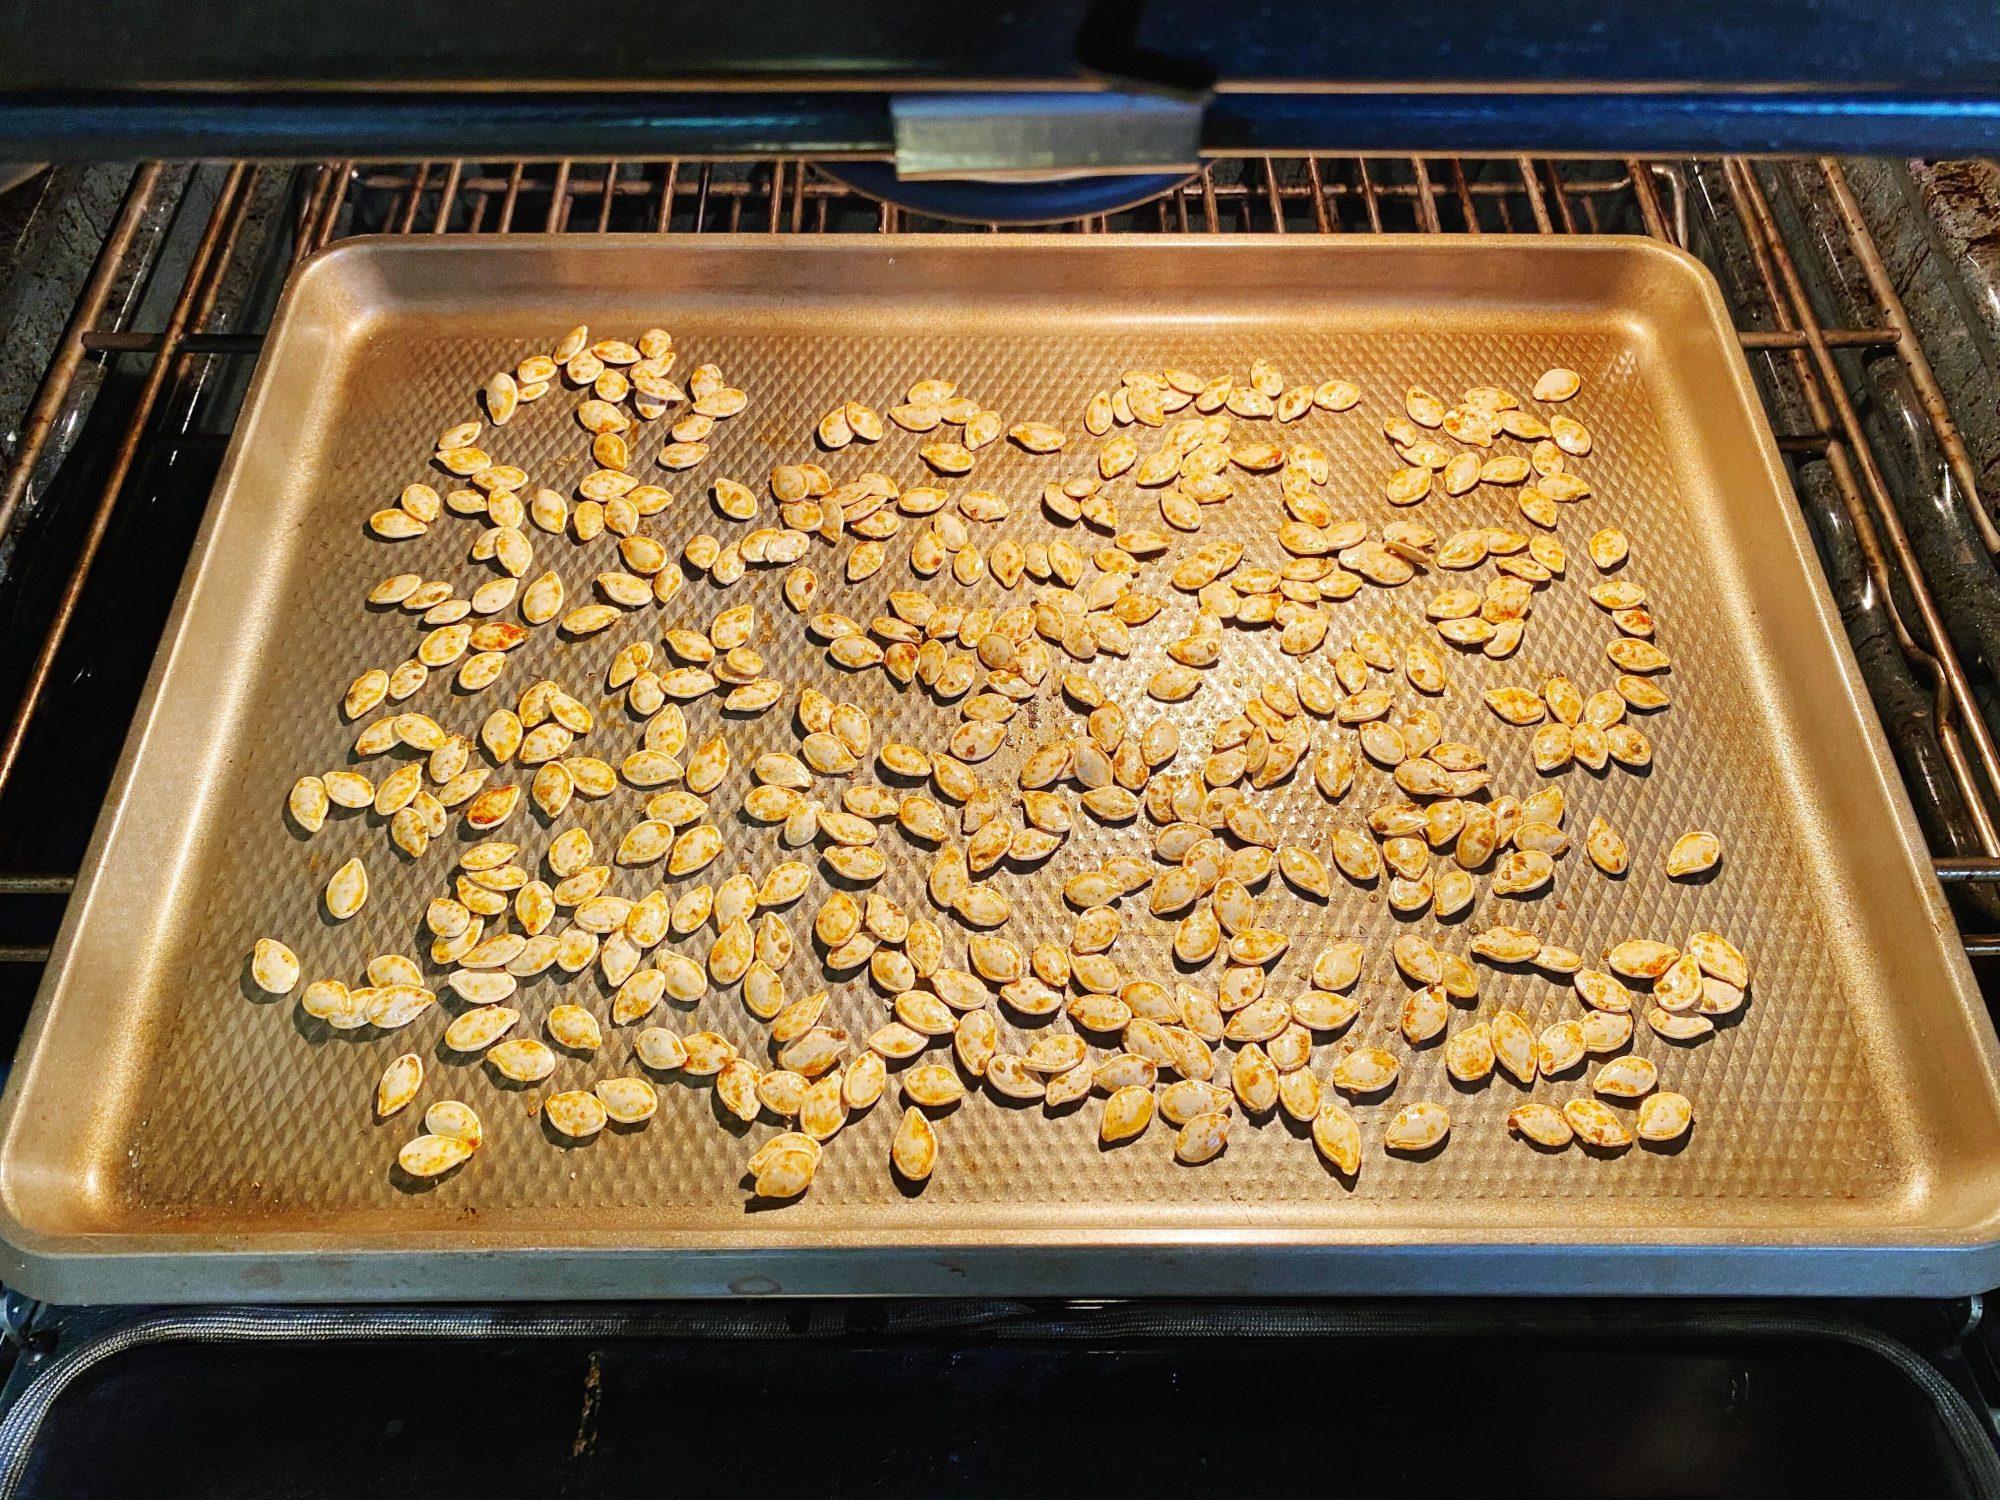 Pumpkin seeds in oven